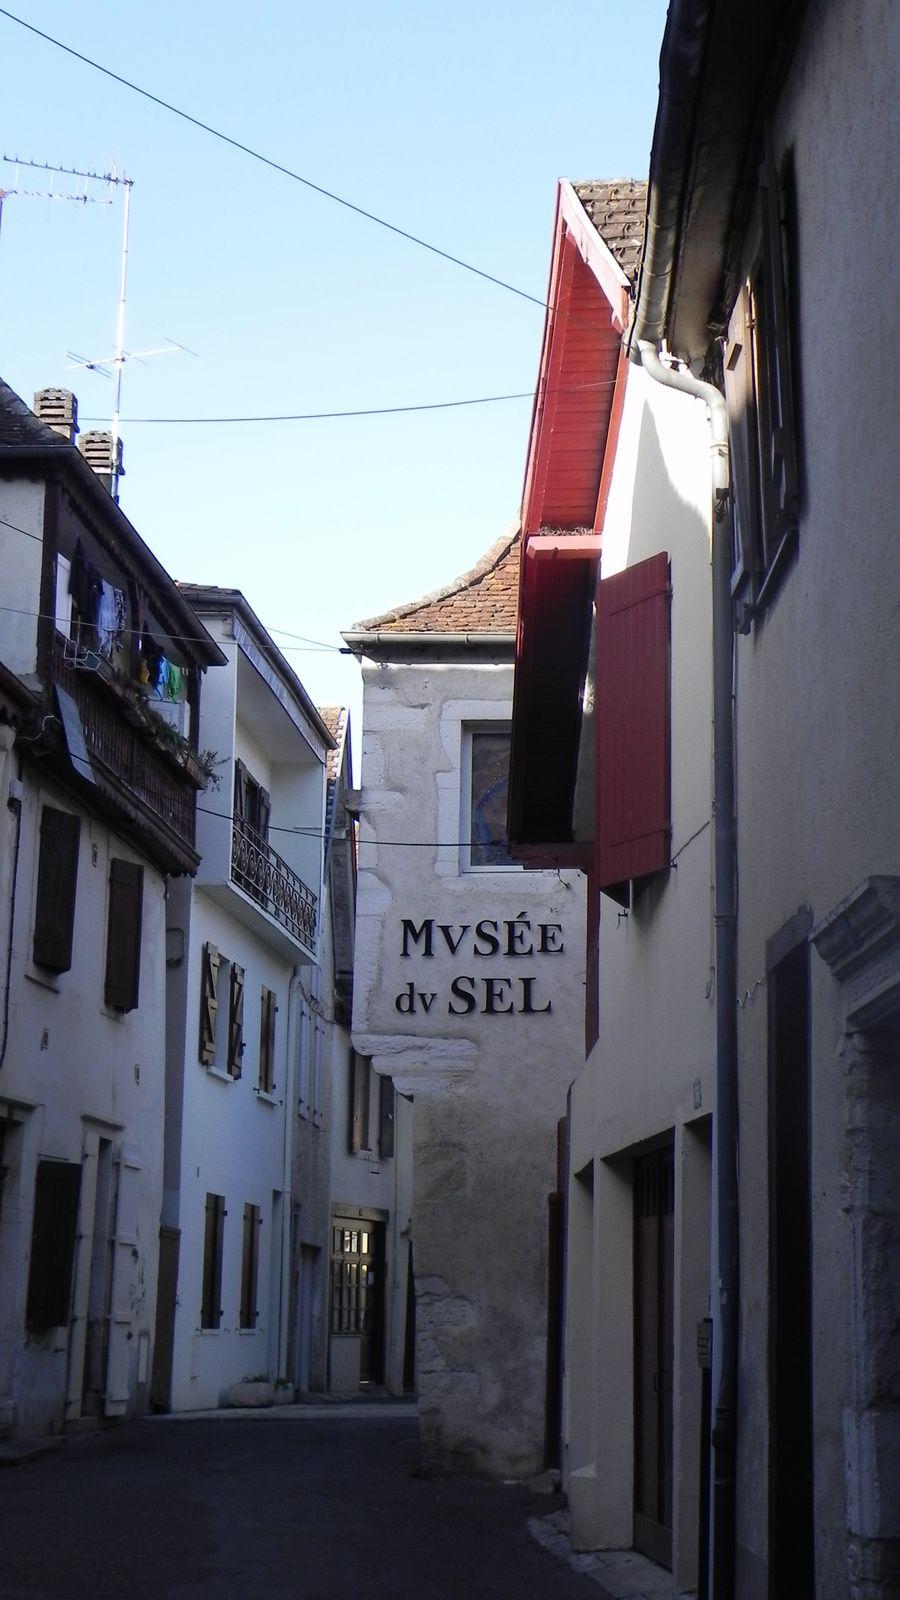 La rue du Musée du sel